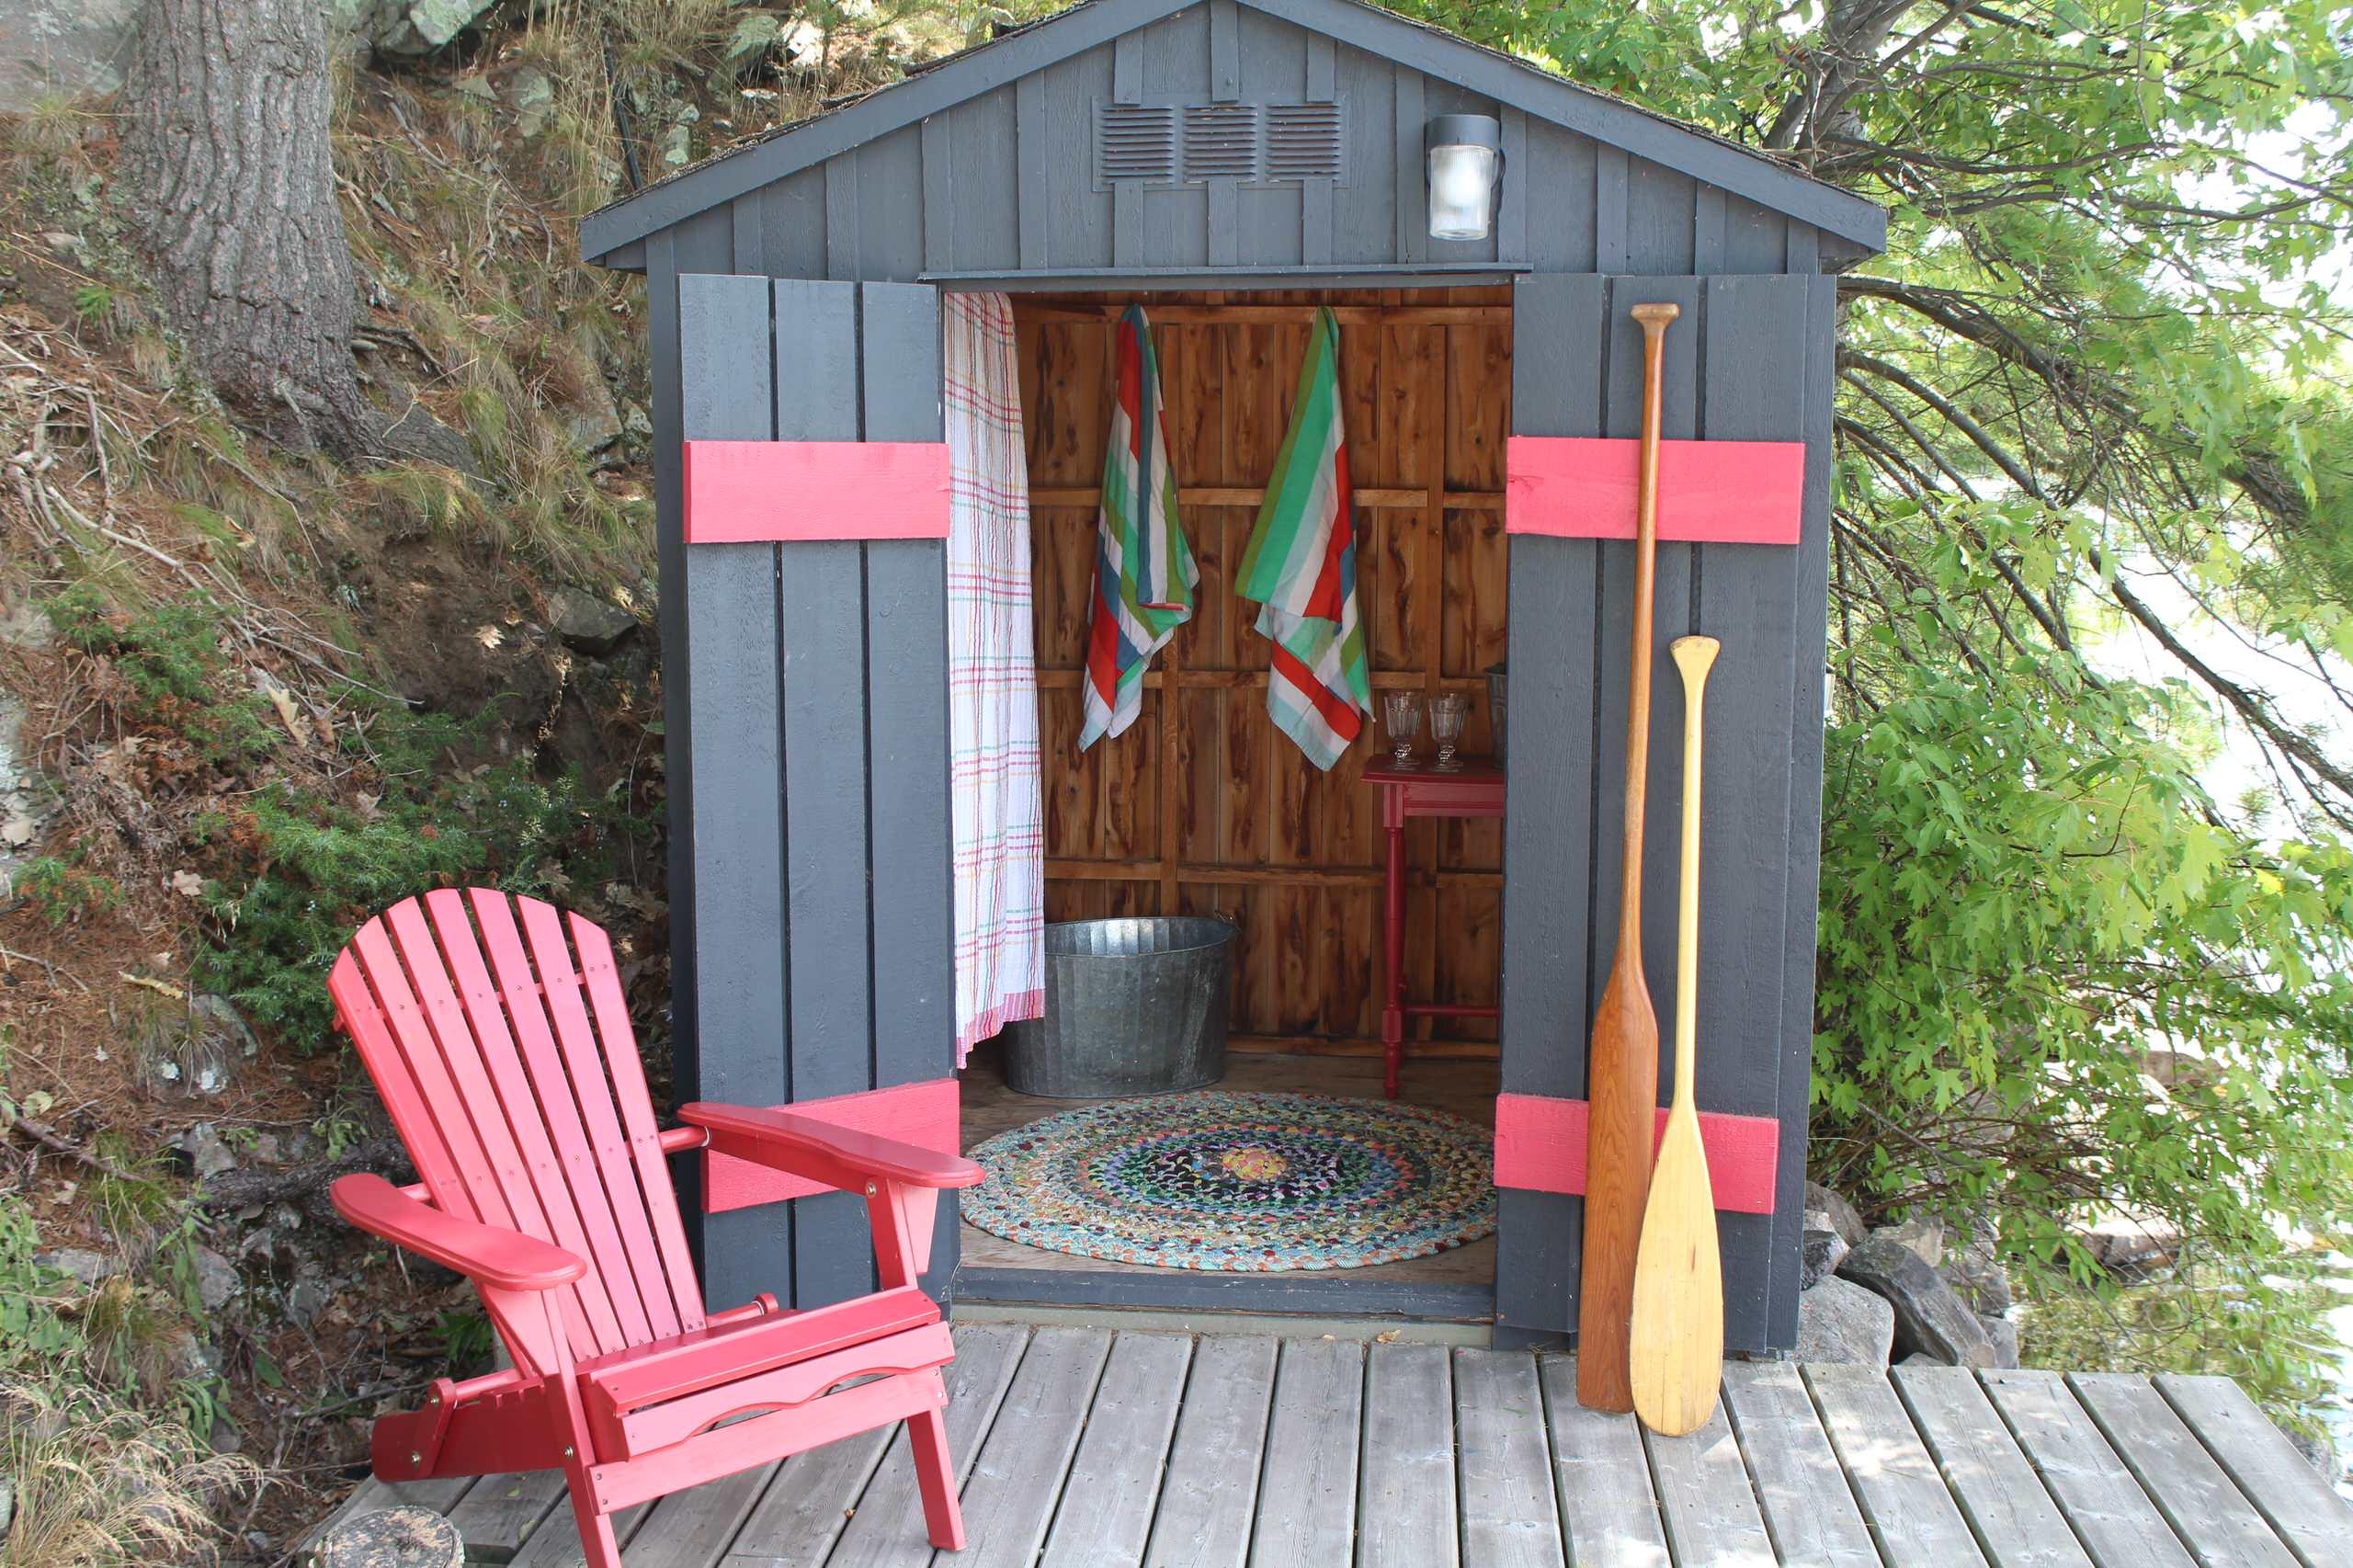 Rideau Lakes Cottage, Ontario